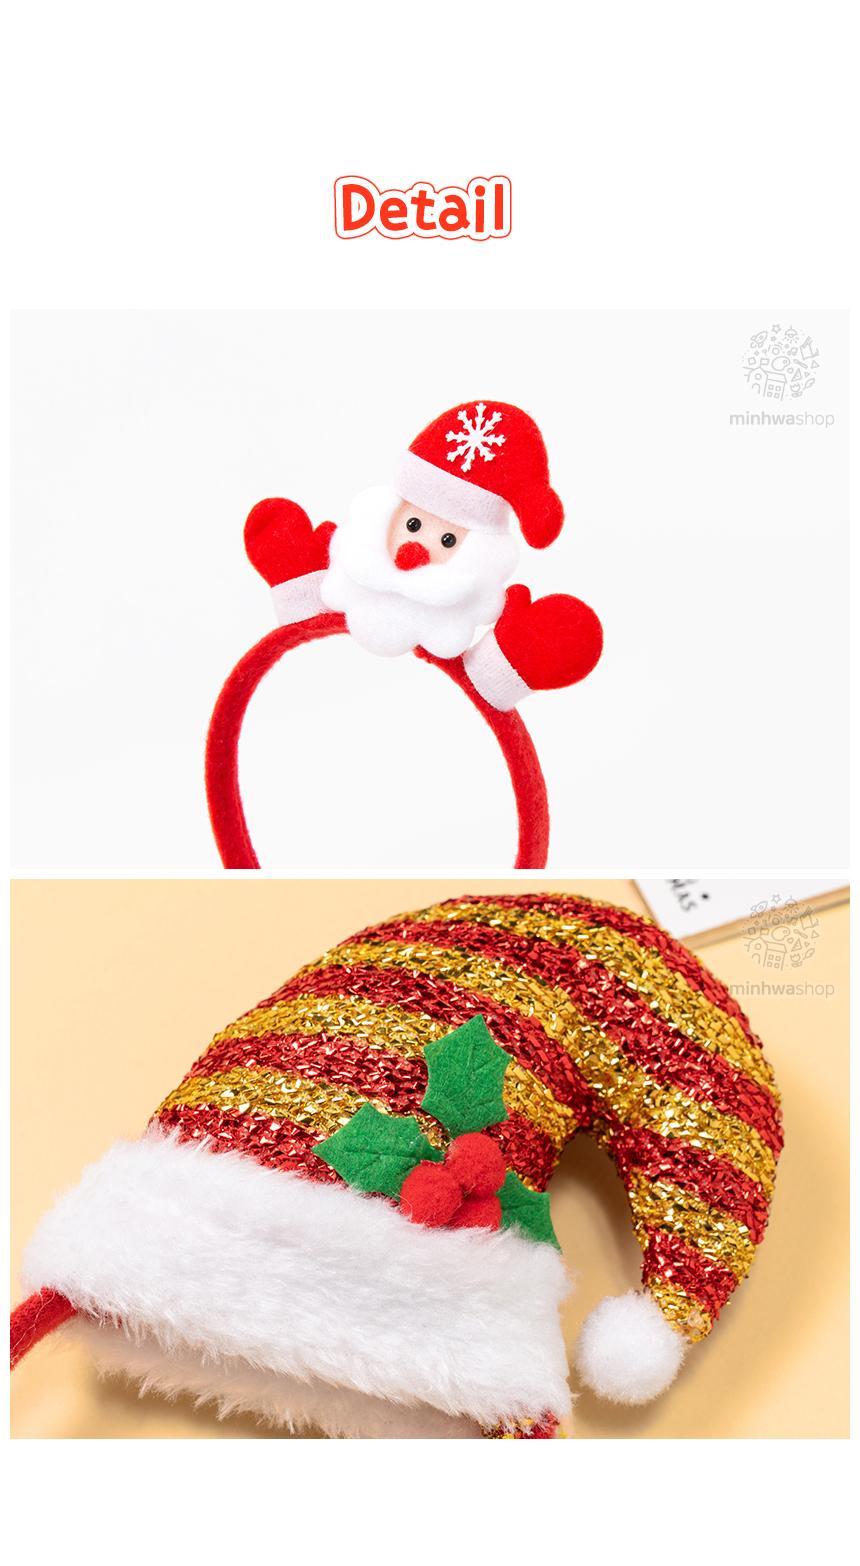 크리스마스 머리띠 모음